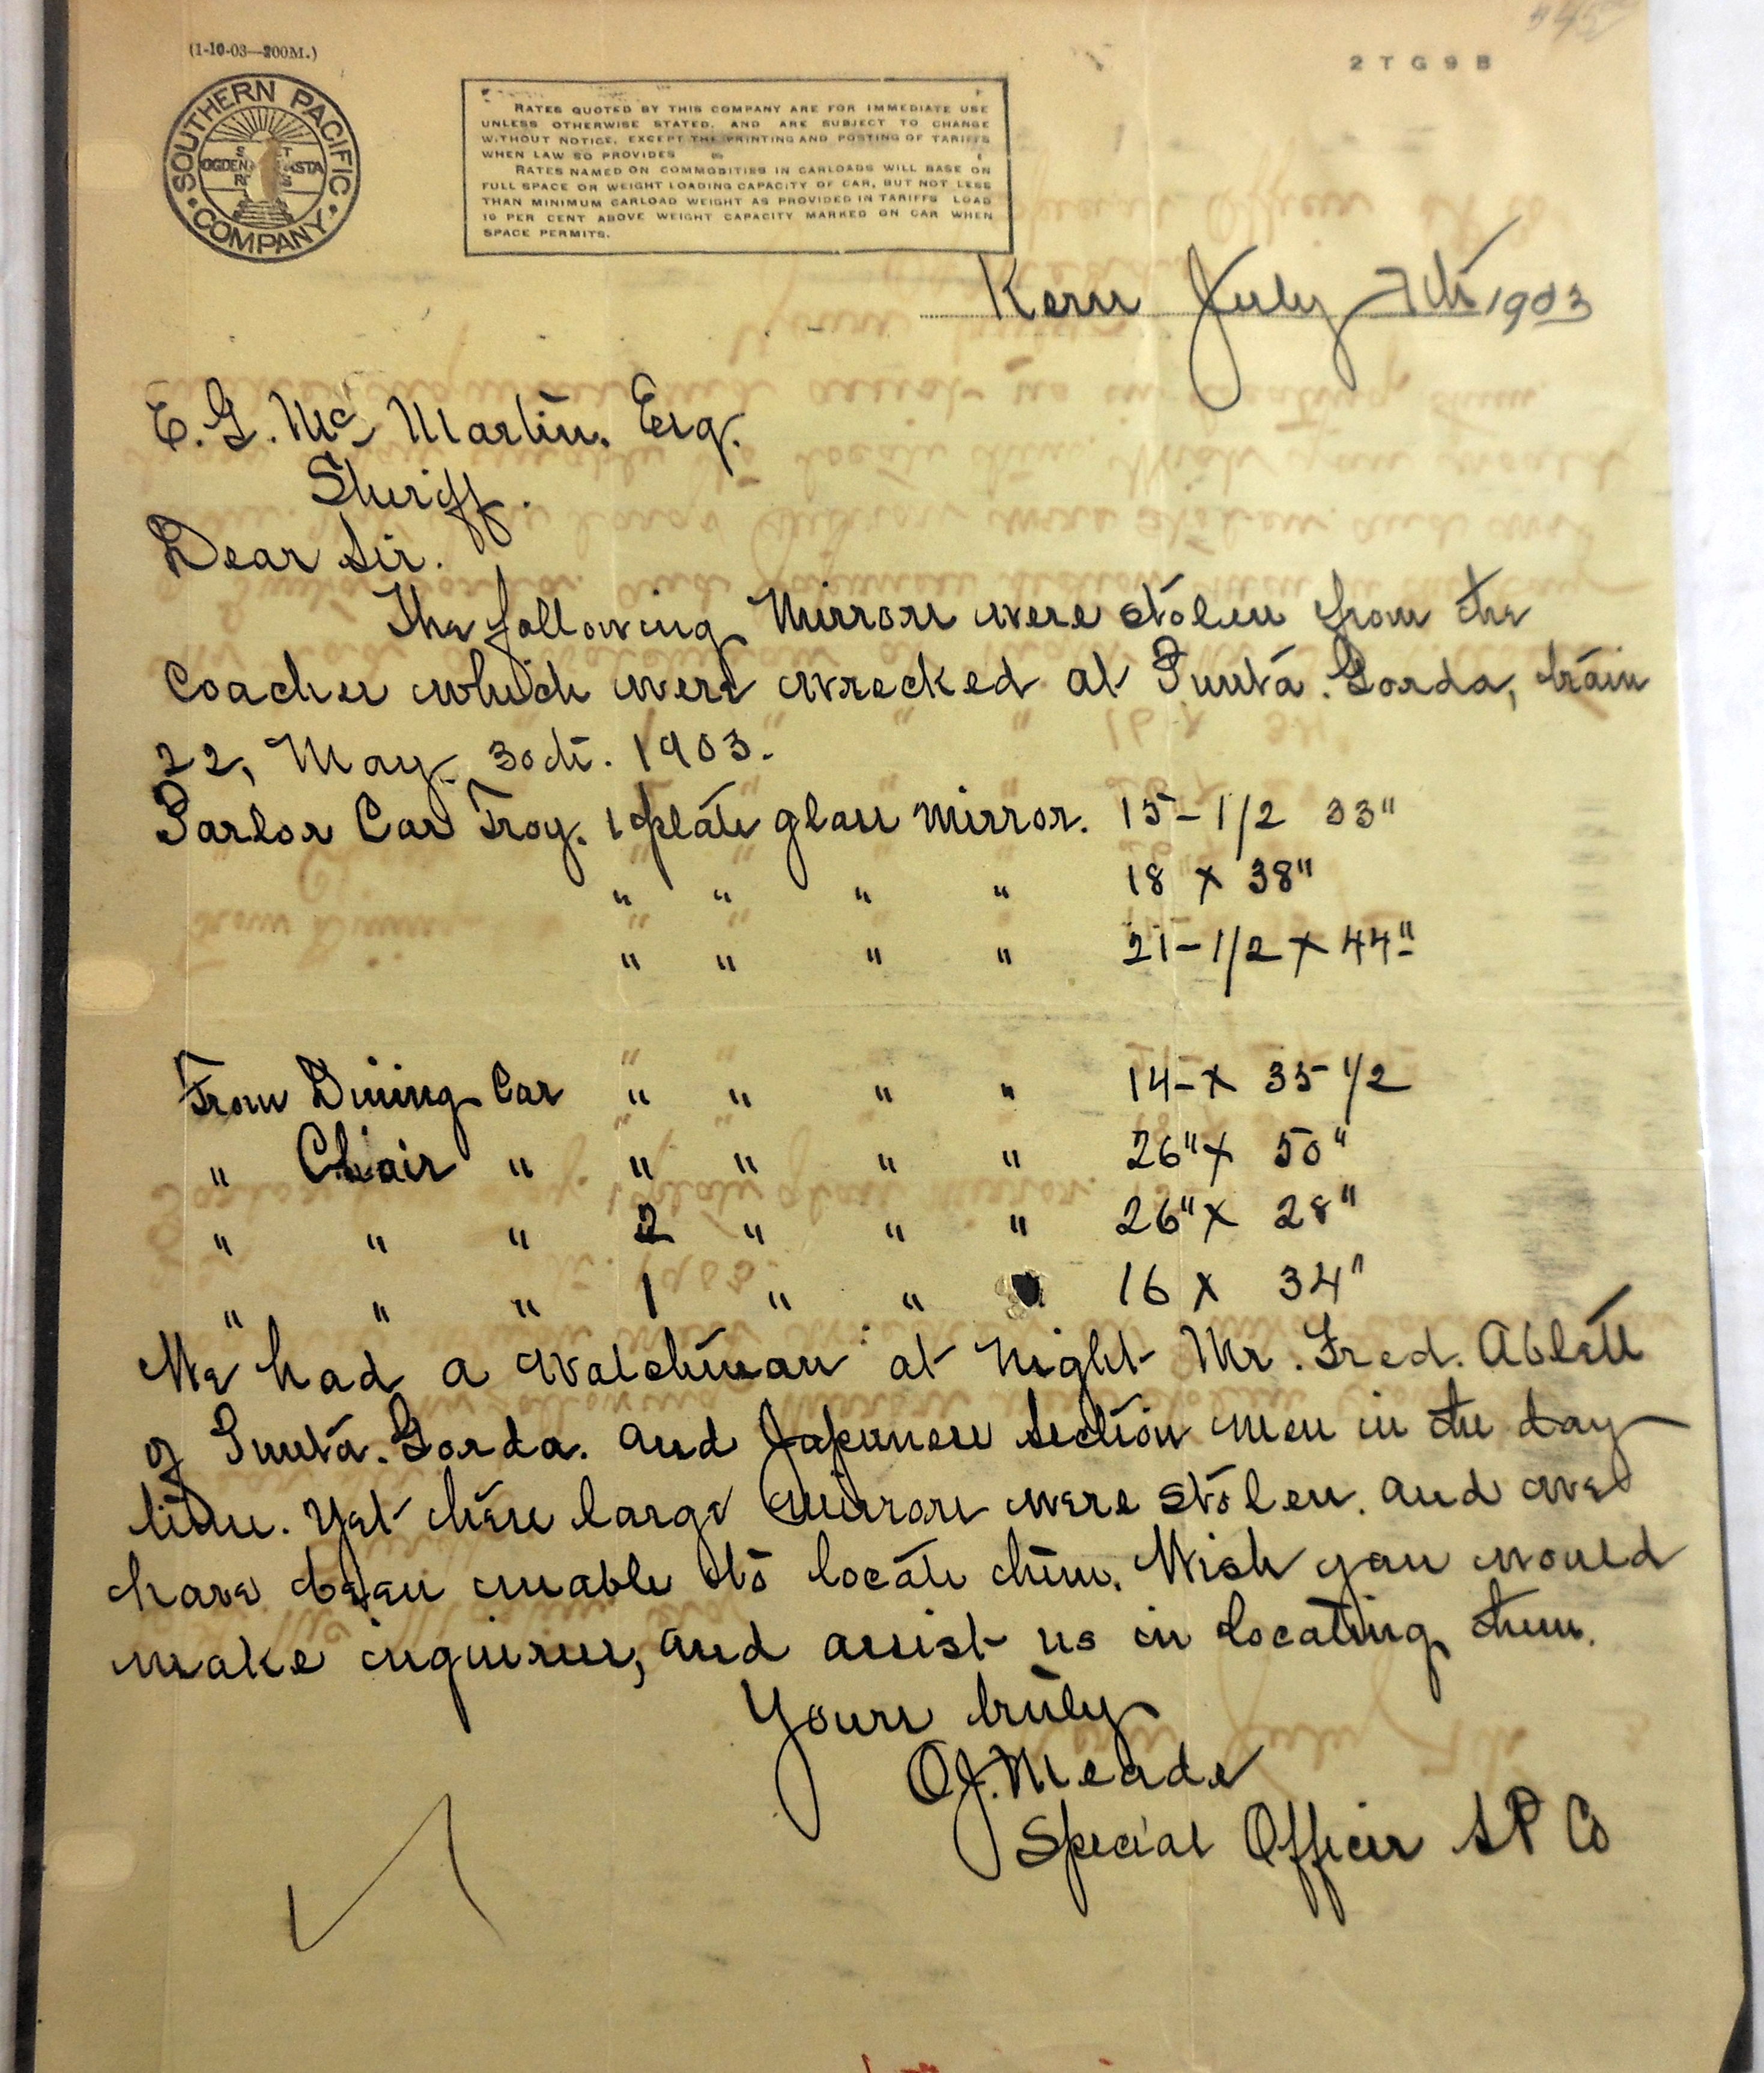 O.J. Meade SP document